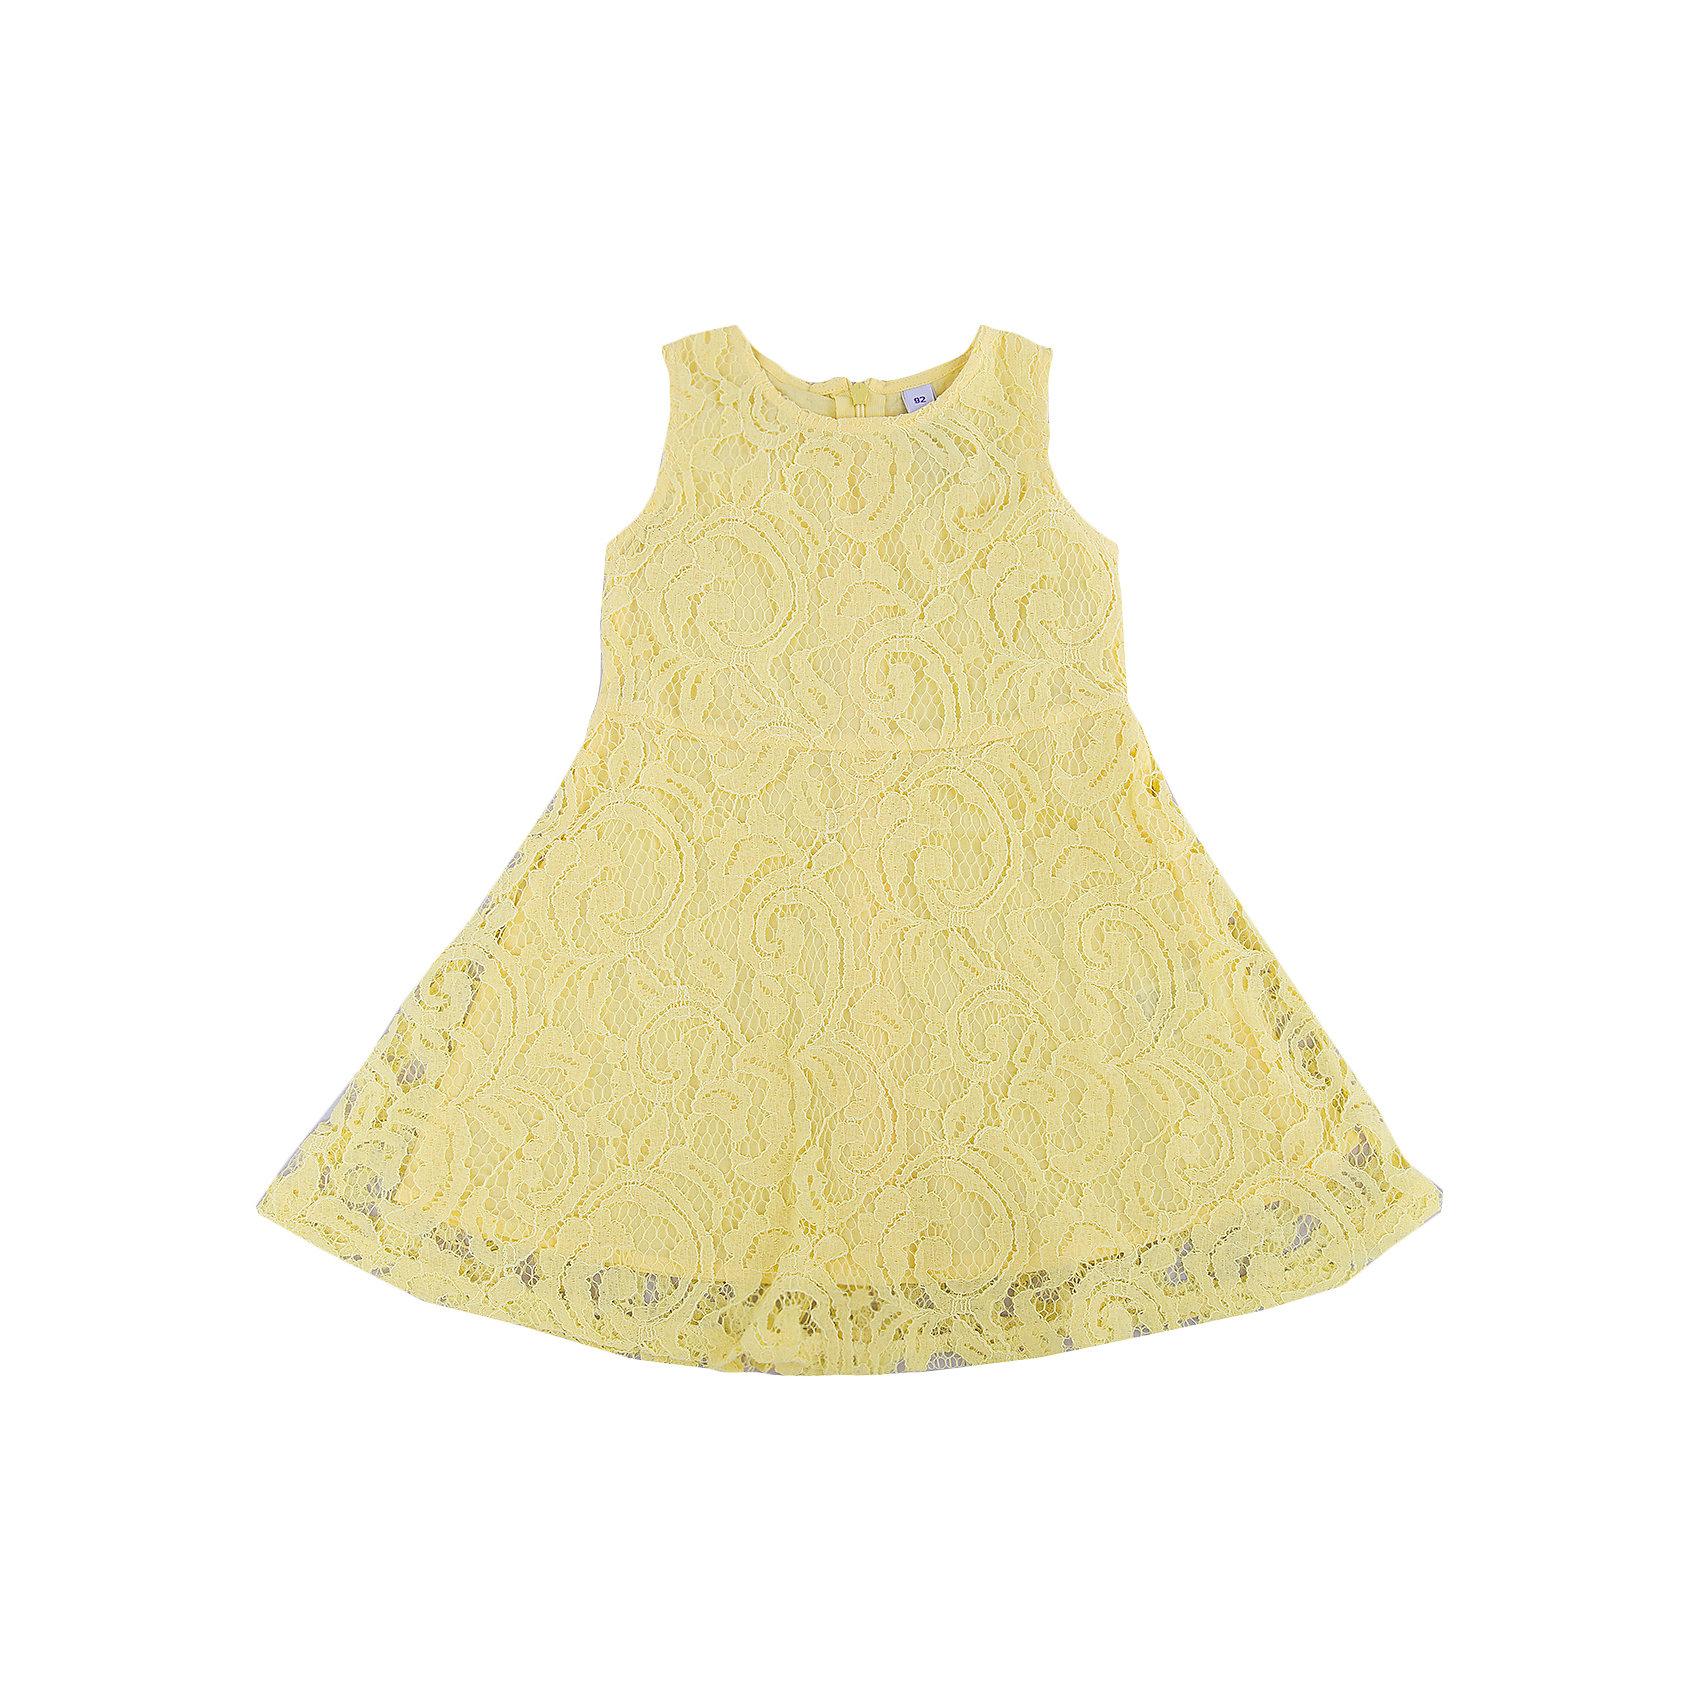 Платье для девочки PlayTodayПлатья<br>Платье для девочки PlayToday<br>Платье с округлым вырезом у горловины, понравится Вашей моднице.  Свободный крой не сковывает движений. Модель на молнии и на покладке из натурального хлопка. Нежный ажурный гипюр придает платью особенную легкость.Преимущества: Натуральная ткань подкладки не вызывает раздраженийСвободный крой не сковывает движений ребенка<br>Состав:<br>Верх: 80% хлопок, 20% полиамид; подкладка: 100% хлопок<br><br>Ширина мм: 236<br>Глубина мм: 16<br>Высота мм: 184<br>Вес г: 177<br>Цвет: желтый<br>Возраст от месяцев: 18<br>Возраст до месяцев: 24<br>Пол: Женский<br>Возраст: Детский<br>Размер: 92,74,80,86<br>SKU: 5408268